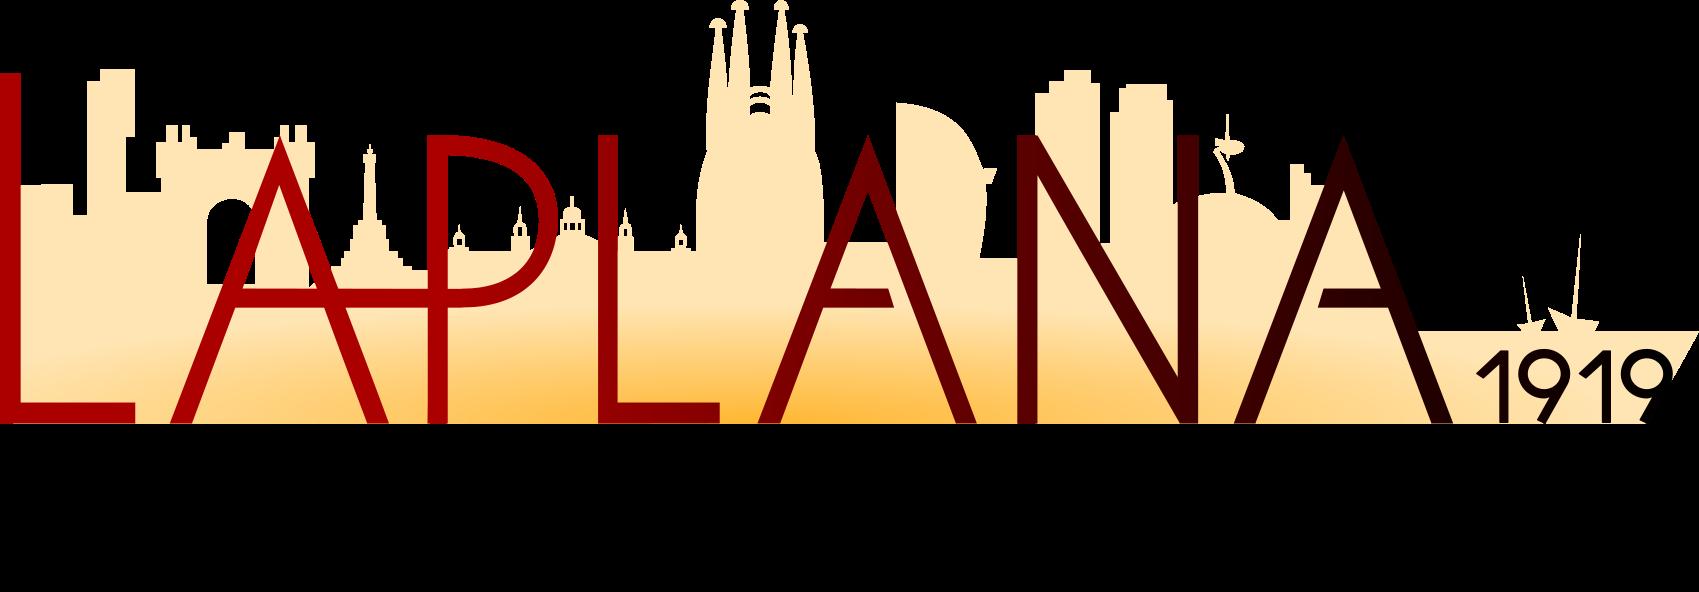 LaPlana